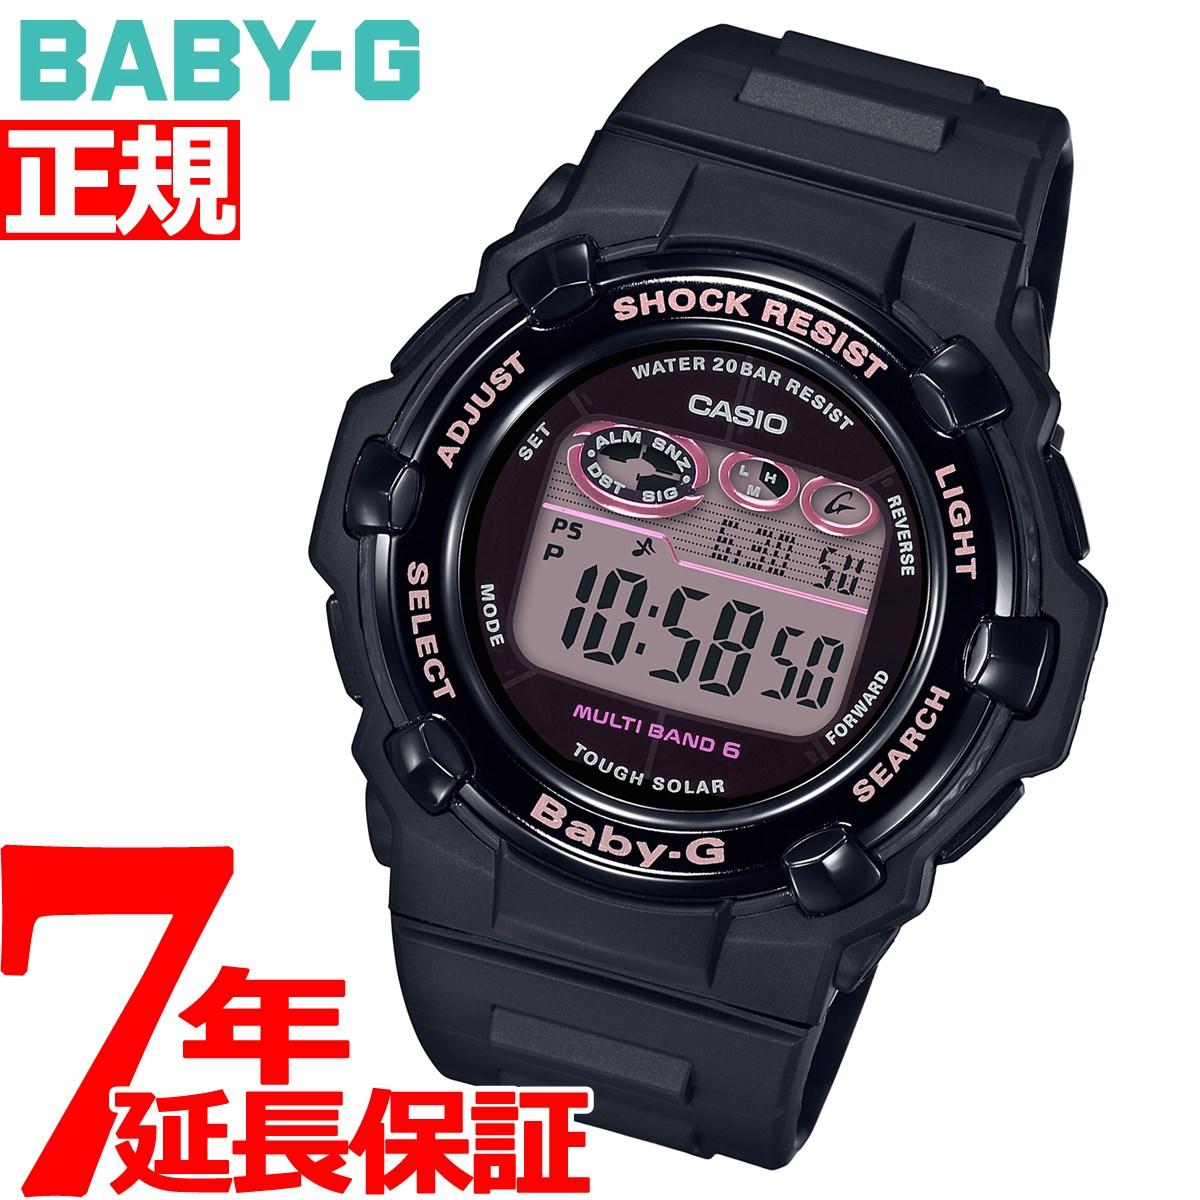 【今だけ!店内ポイント最大49倍!16日1時59分まで】BABY-G カシオ ベビーG レディース 腕時計 Cherry Blossom Colors BGR-3000CB-1JF【2020 新作】